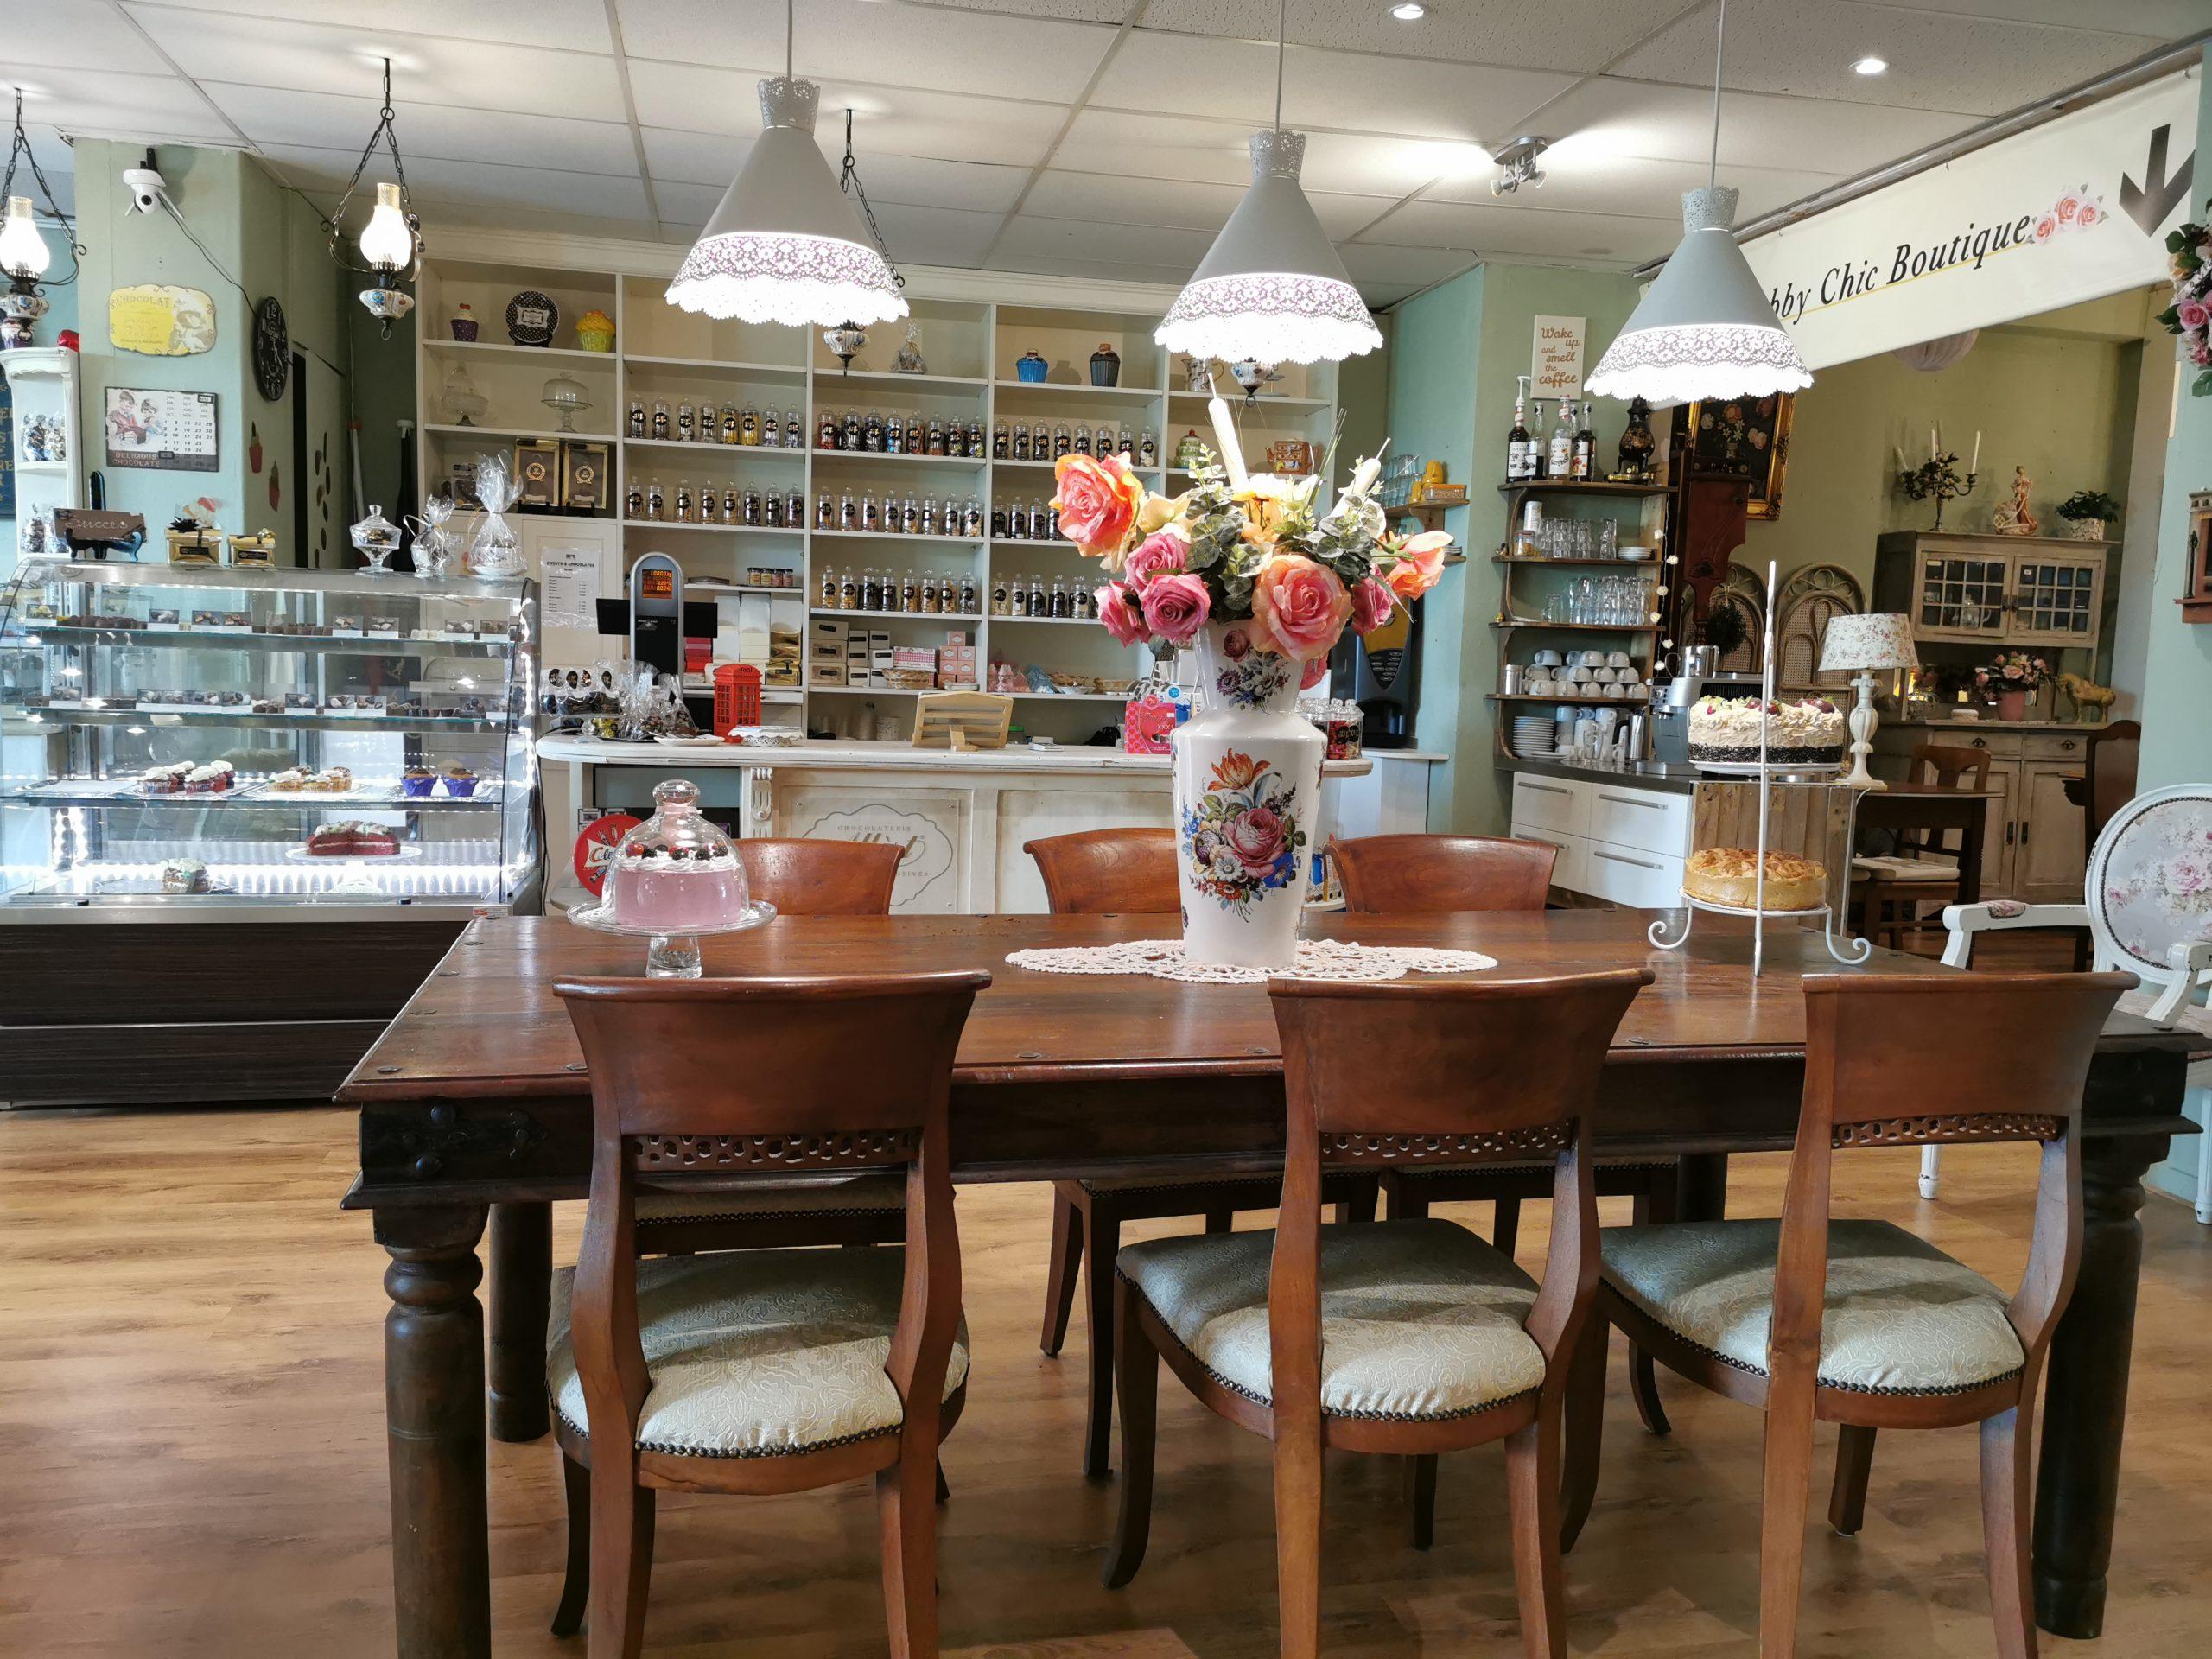 gezellige inrichting van Di's Sweets and Chocolates en de toonbank met bonbons. snoep en thee